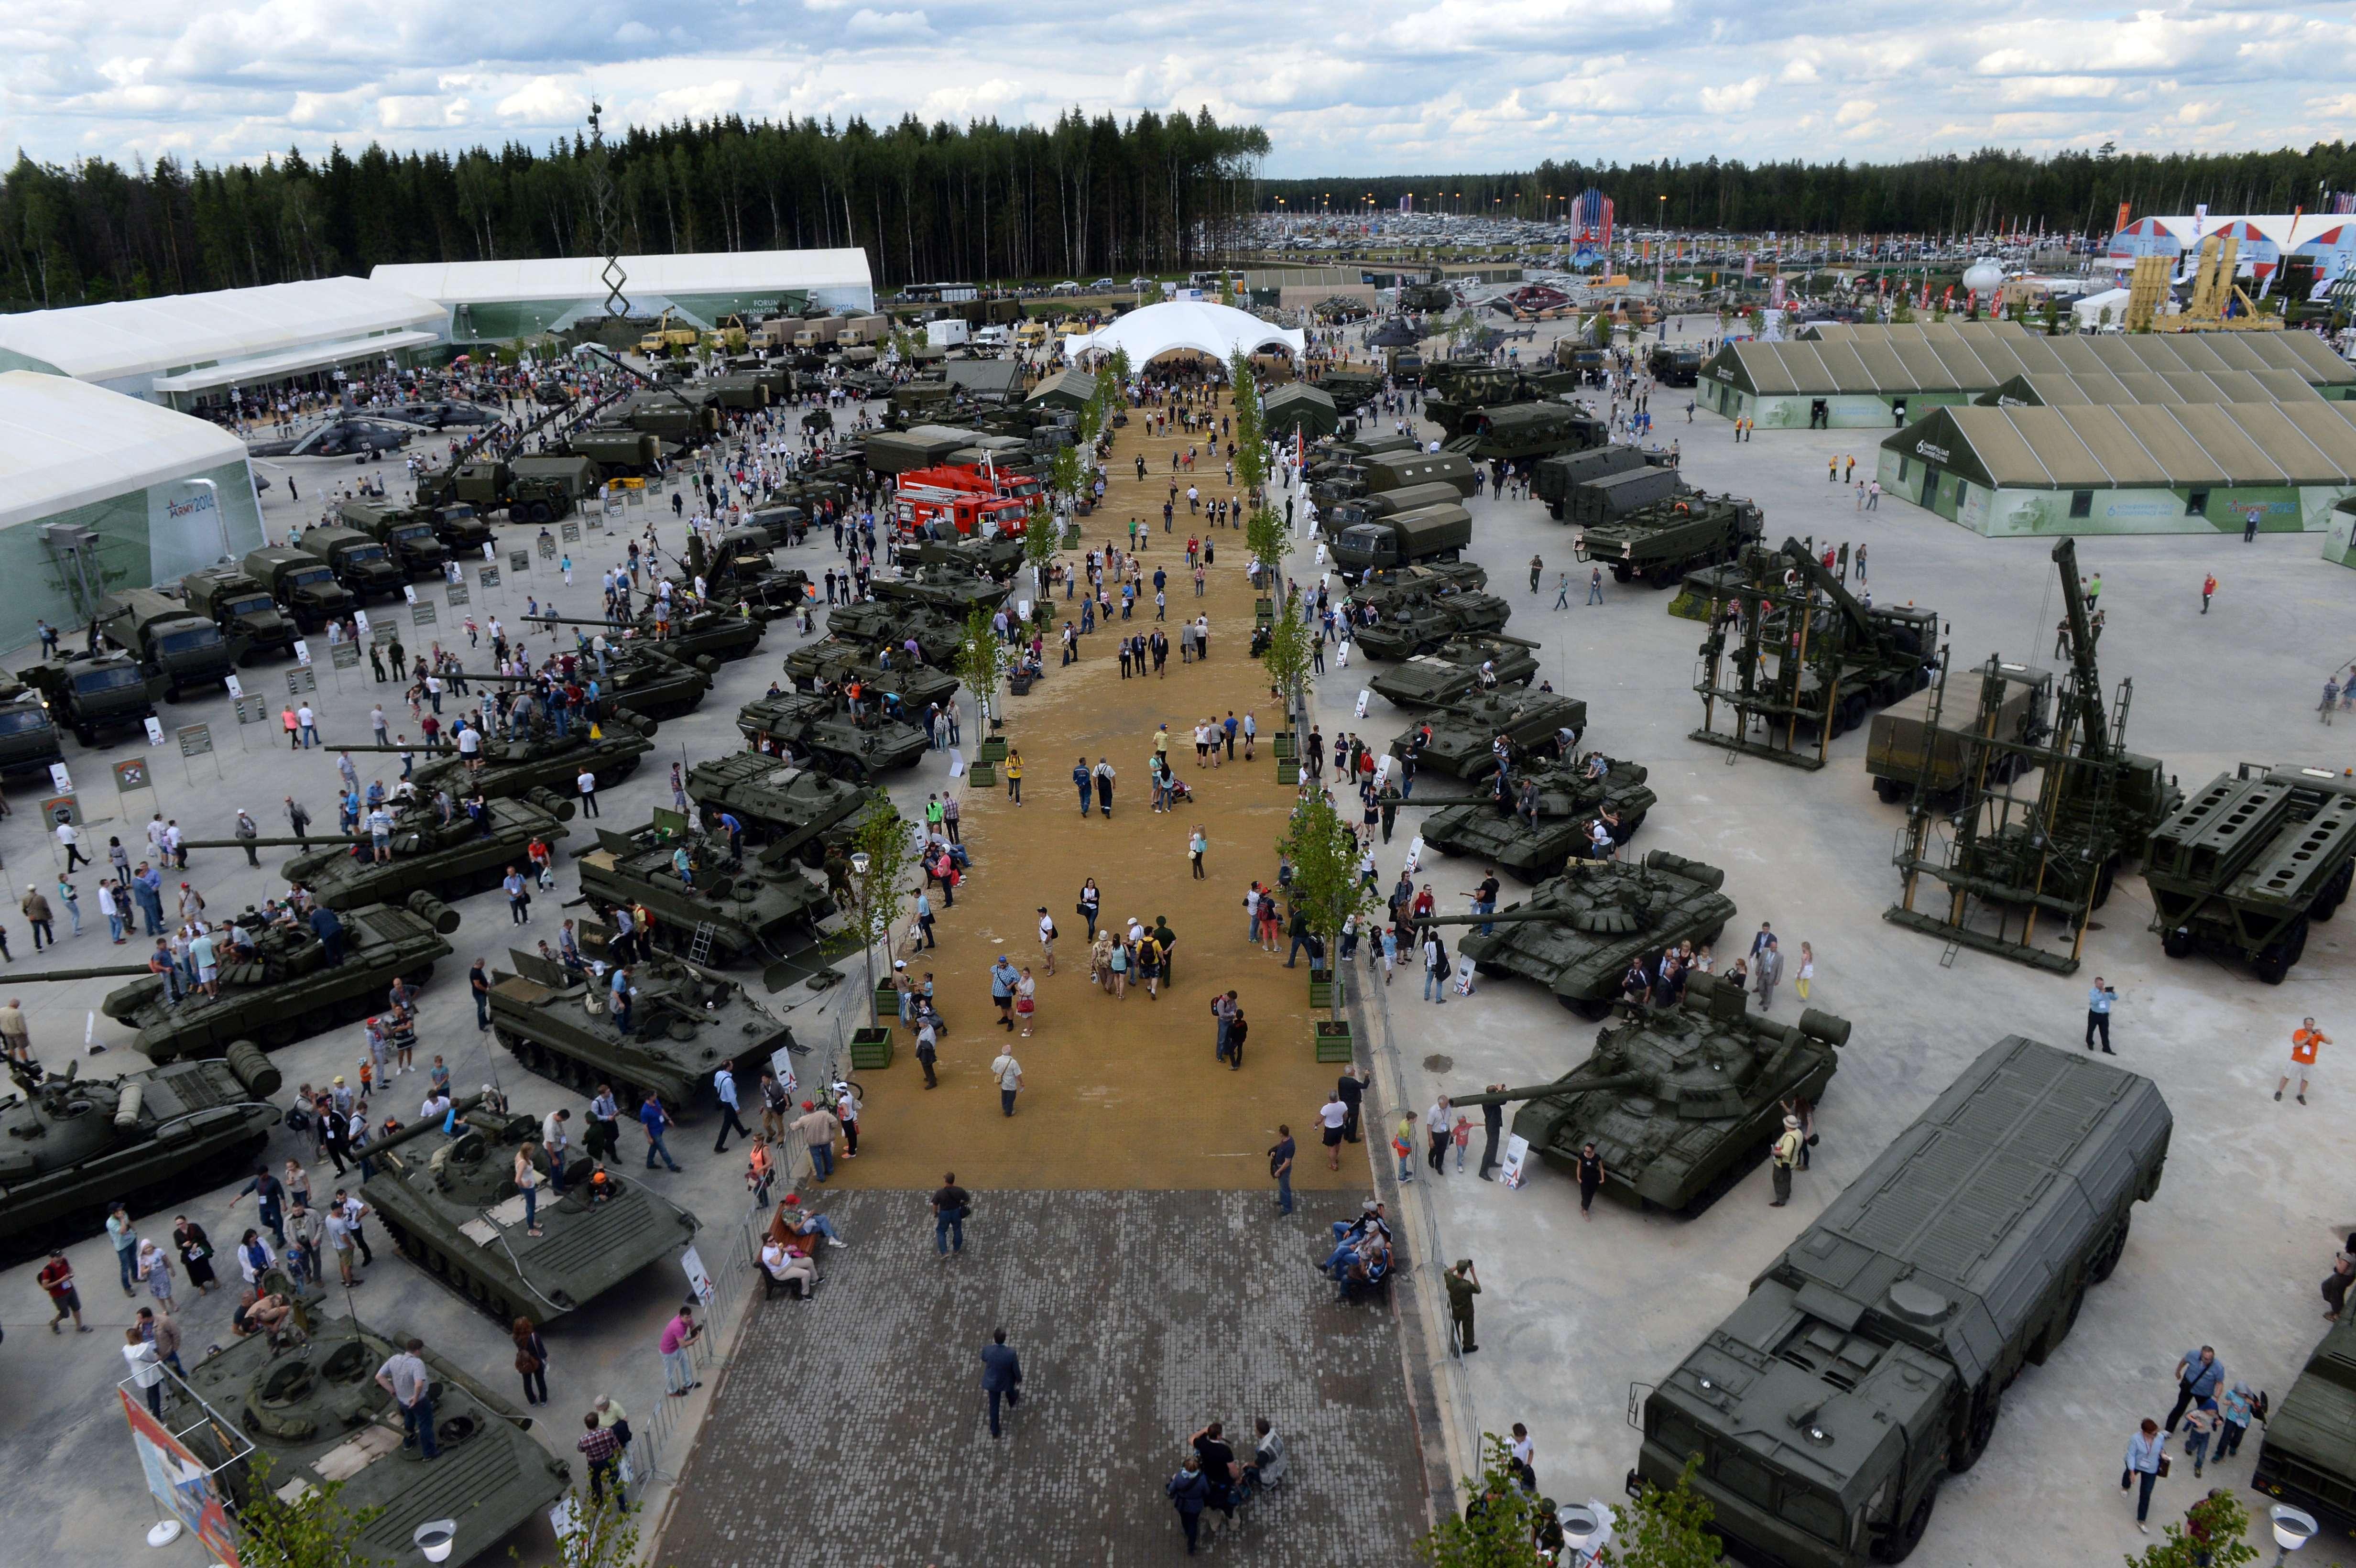 Putin inaugura 'Disneyland militar', parque temático para inspiração patriótica